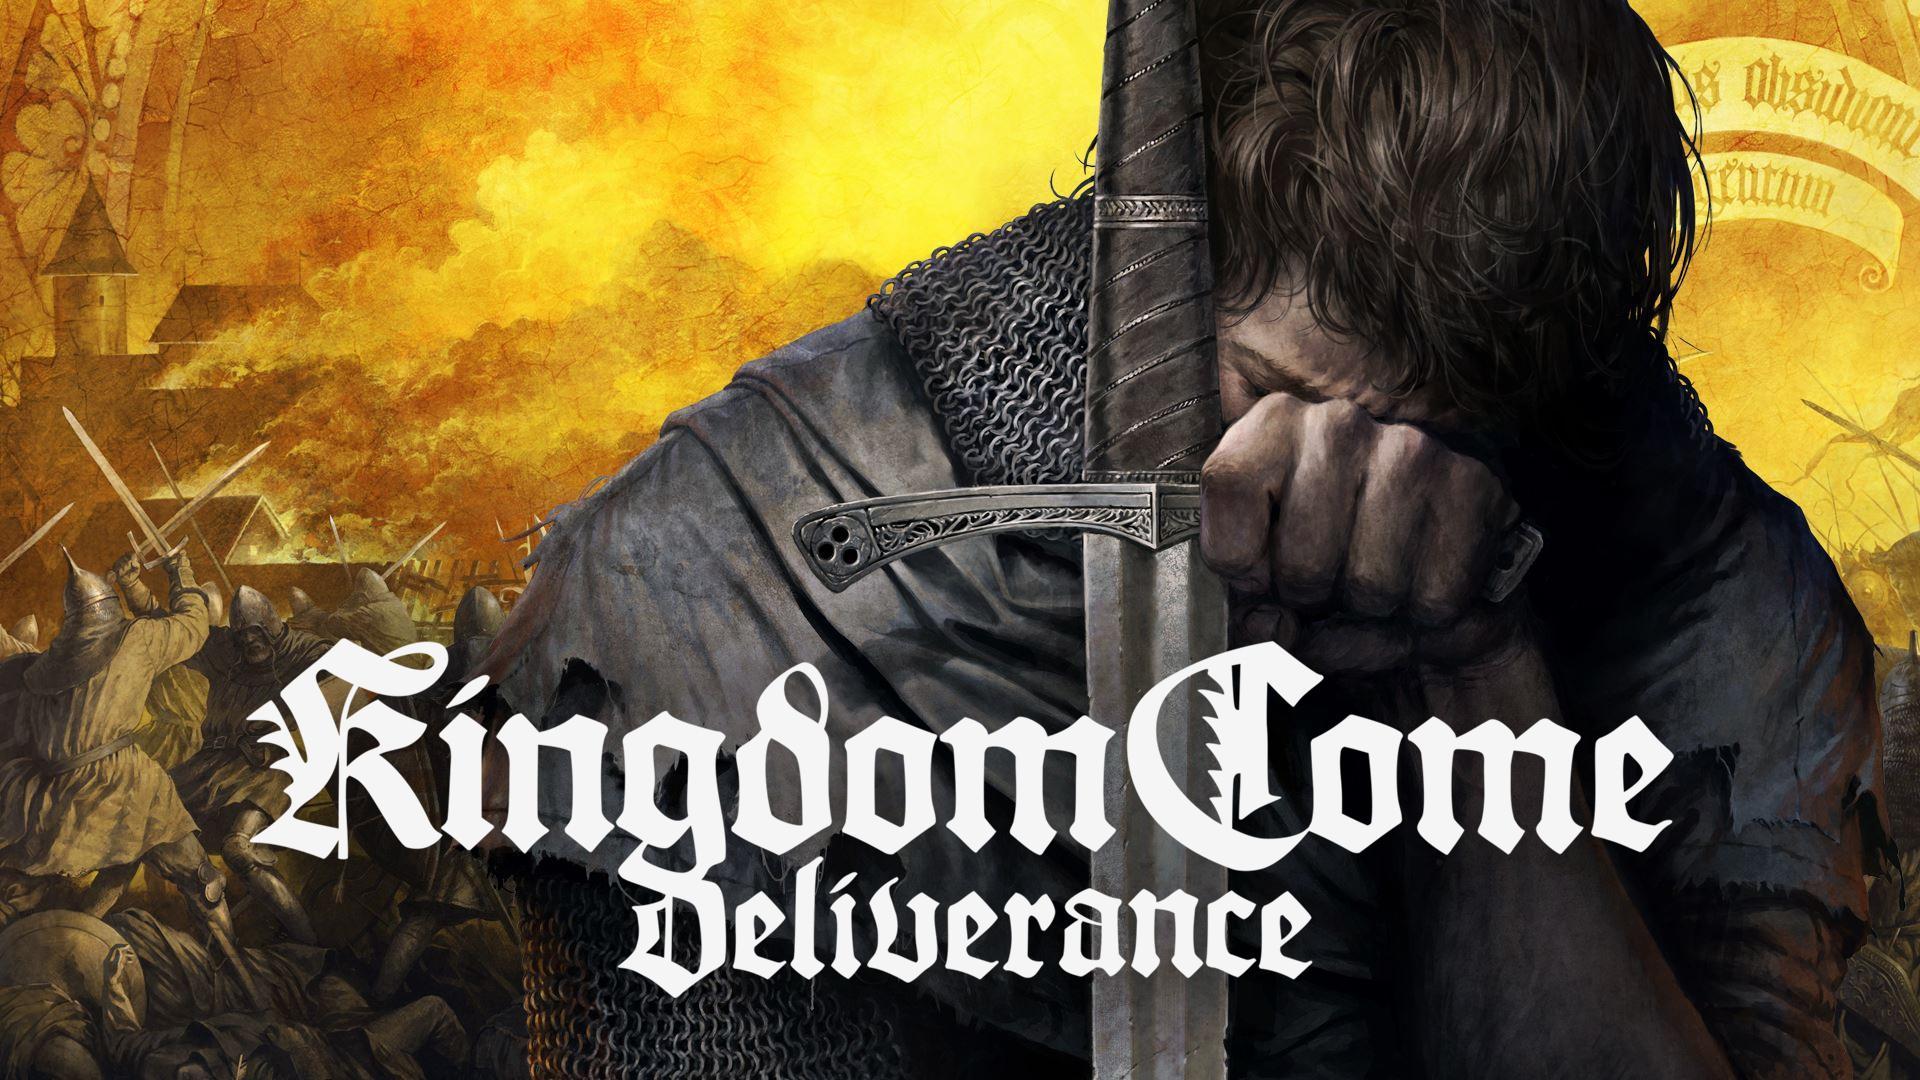 Humble Monthly znowu ze świetnymi grami - tym razem Kingdom Come: Deliverance i Surviving Mars